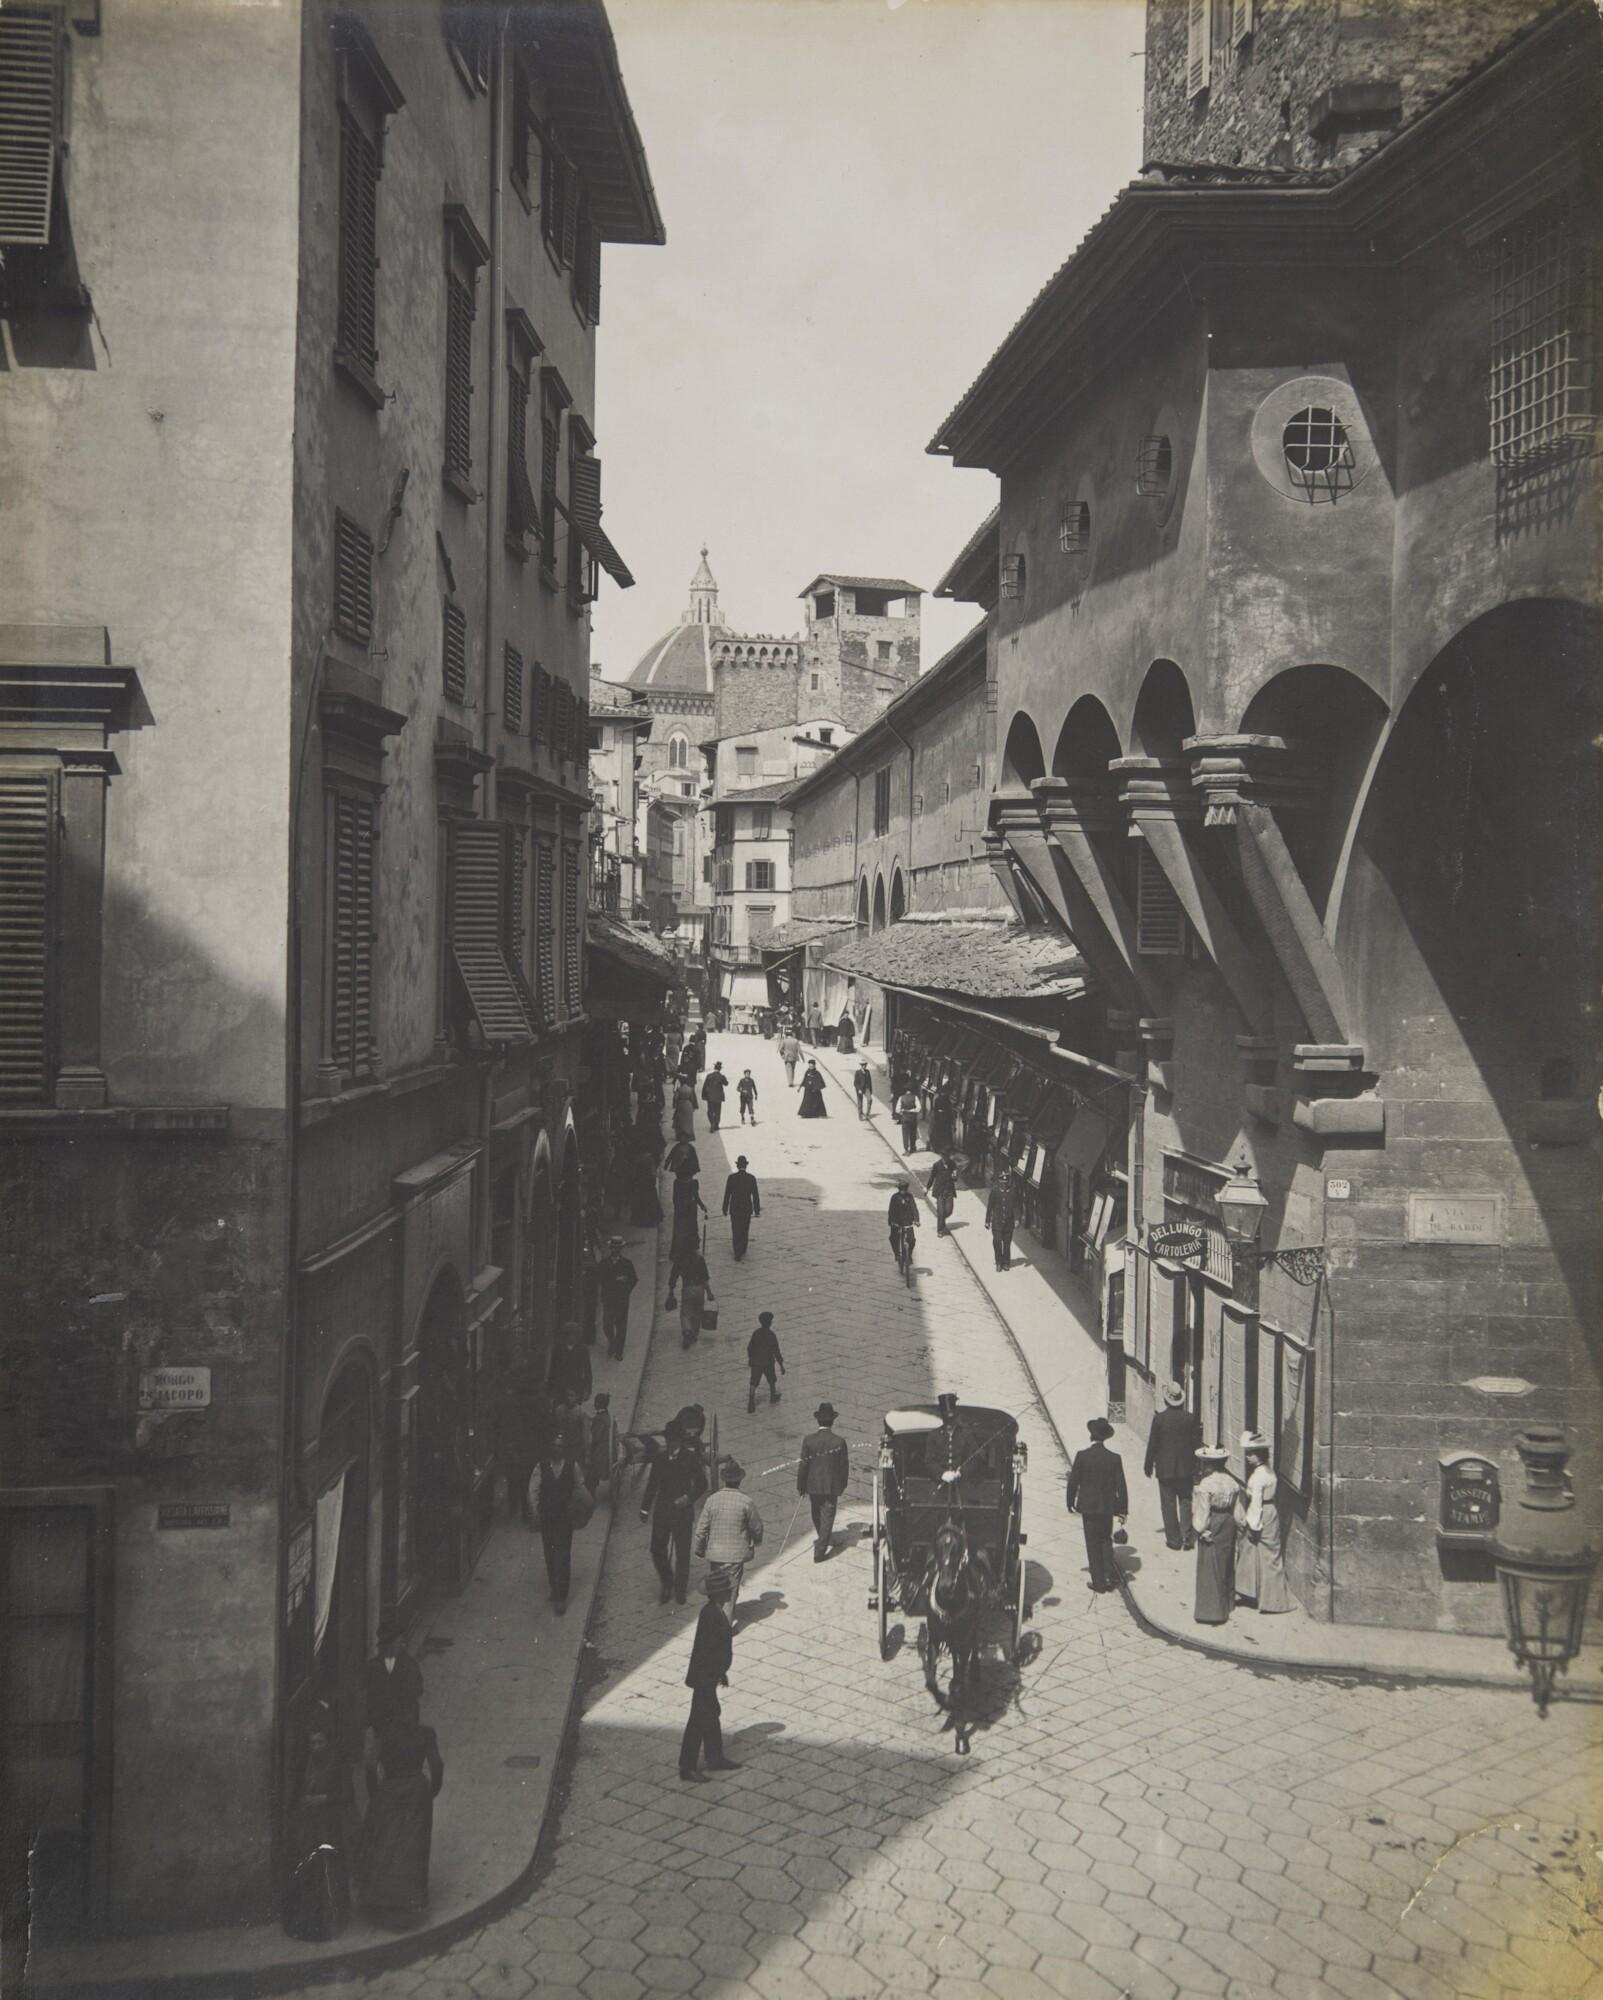 Фотоателье Броджи.    Понте Веккьо, 1880‑е   Желатиновый отпечаток